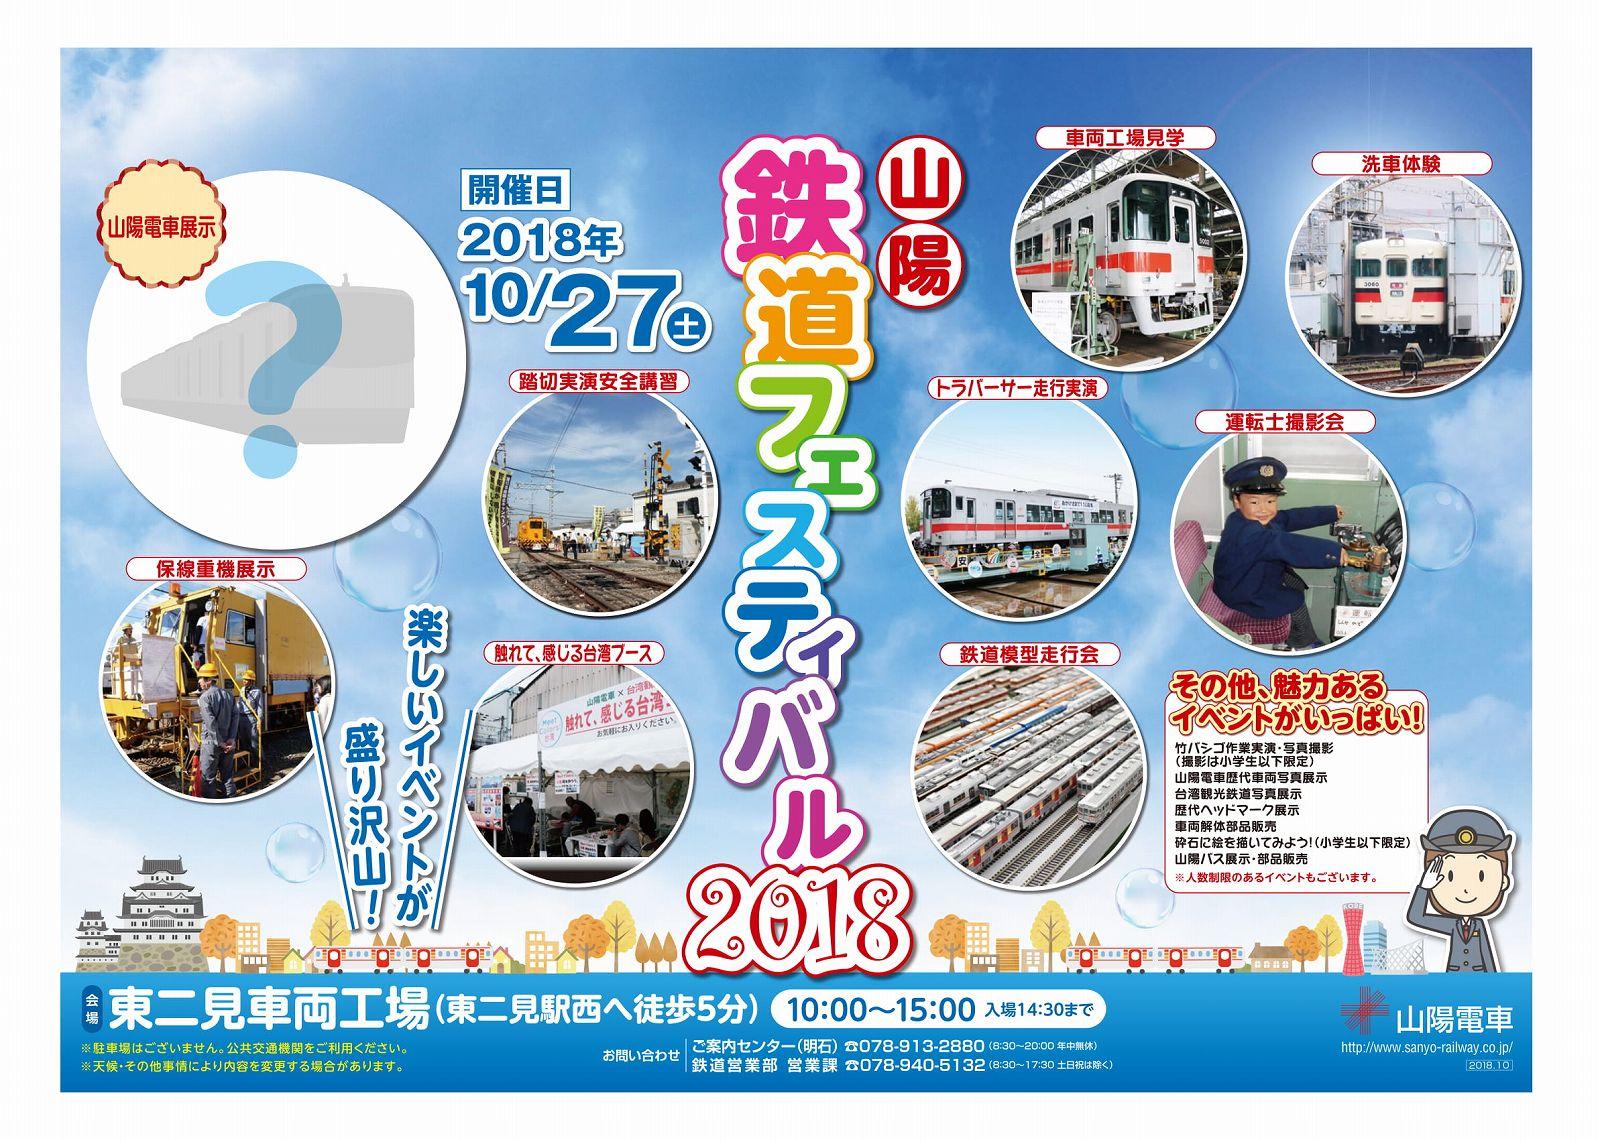 山陽電車の東二見車両工場で10月27日(土)「山陽 鉄道フェスティバル2018」が開催されるよ! #山陽電車 #山陽 #鉄道フェスティバル #明石